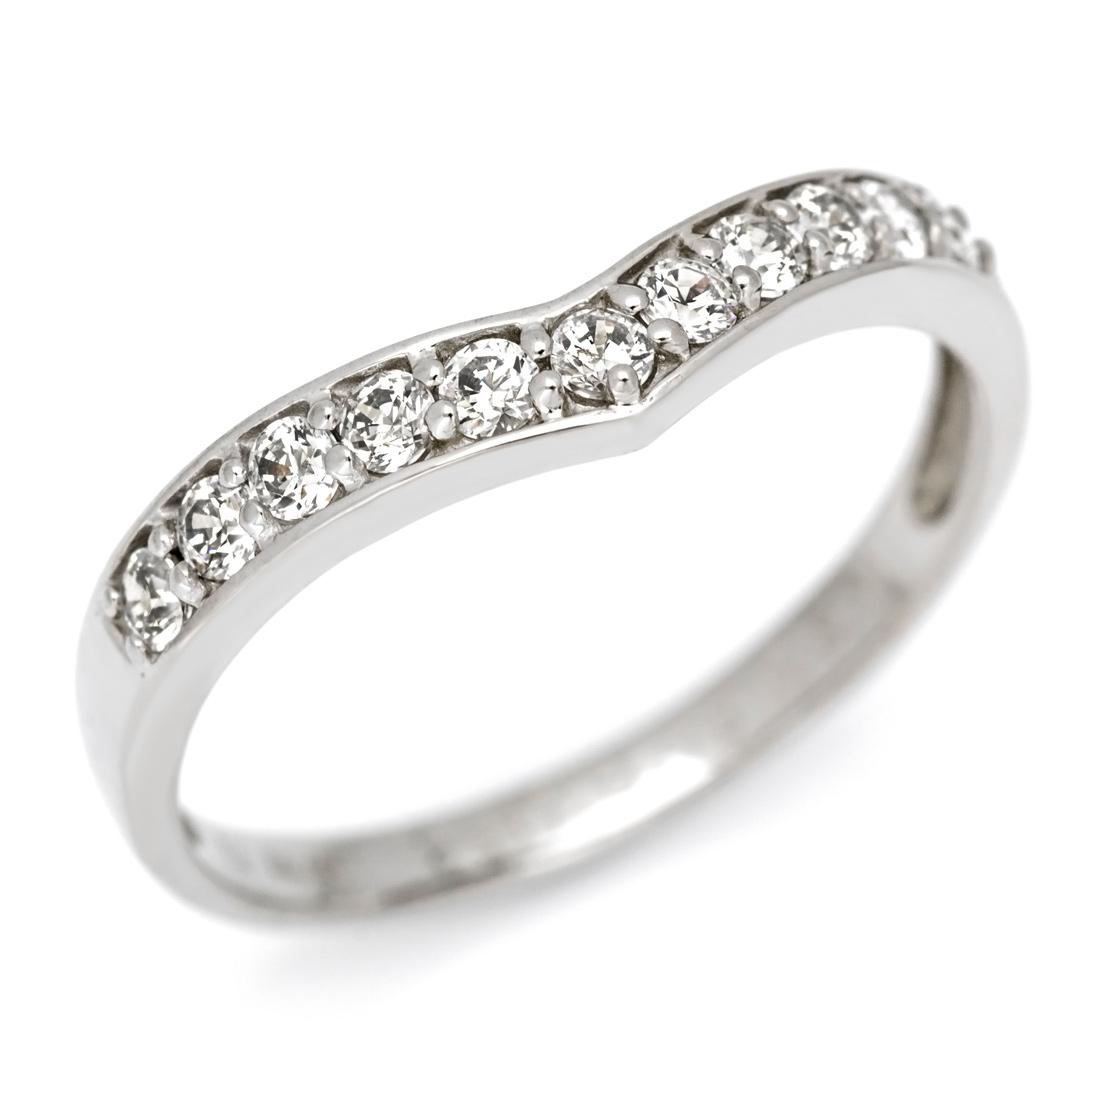 【GWクーポン配布中】K18 ダイヤモンド リング送料無料 指輪 ダイアモンド ゴールド 18K 18金 V字 誕生日 4月誕生石 刻印 文字入れ メッセージ ギフト 贈り物 ピンキーリング対応可能